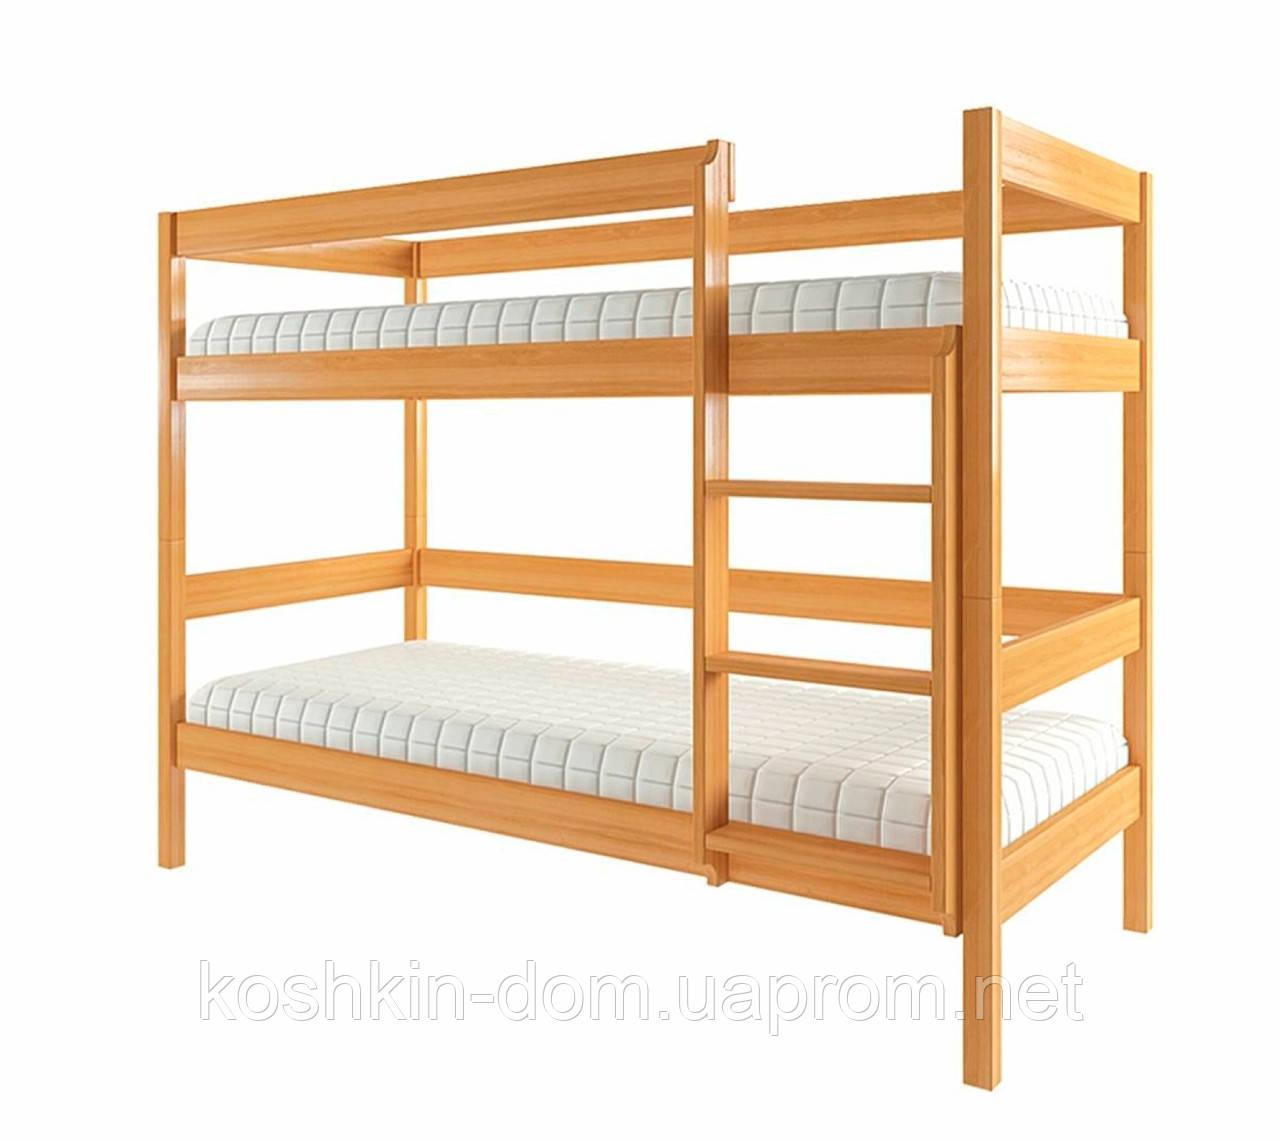 Двох'ярусне ліжко Еко-1 80*190 натуральне дерево